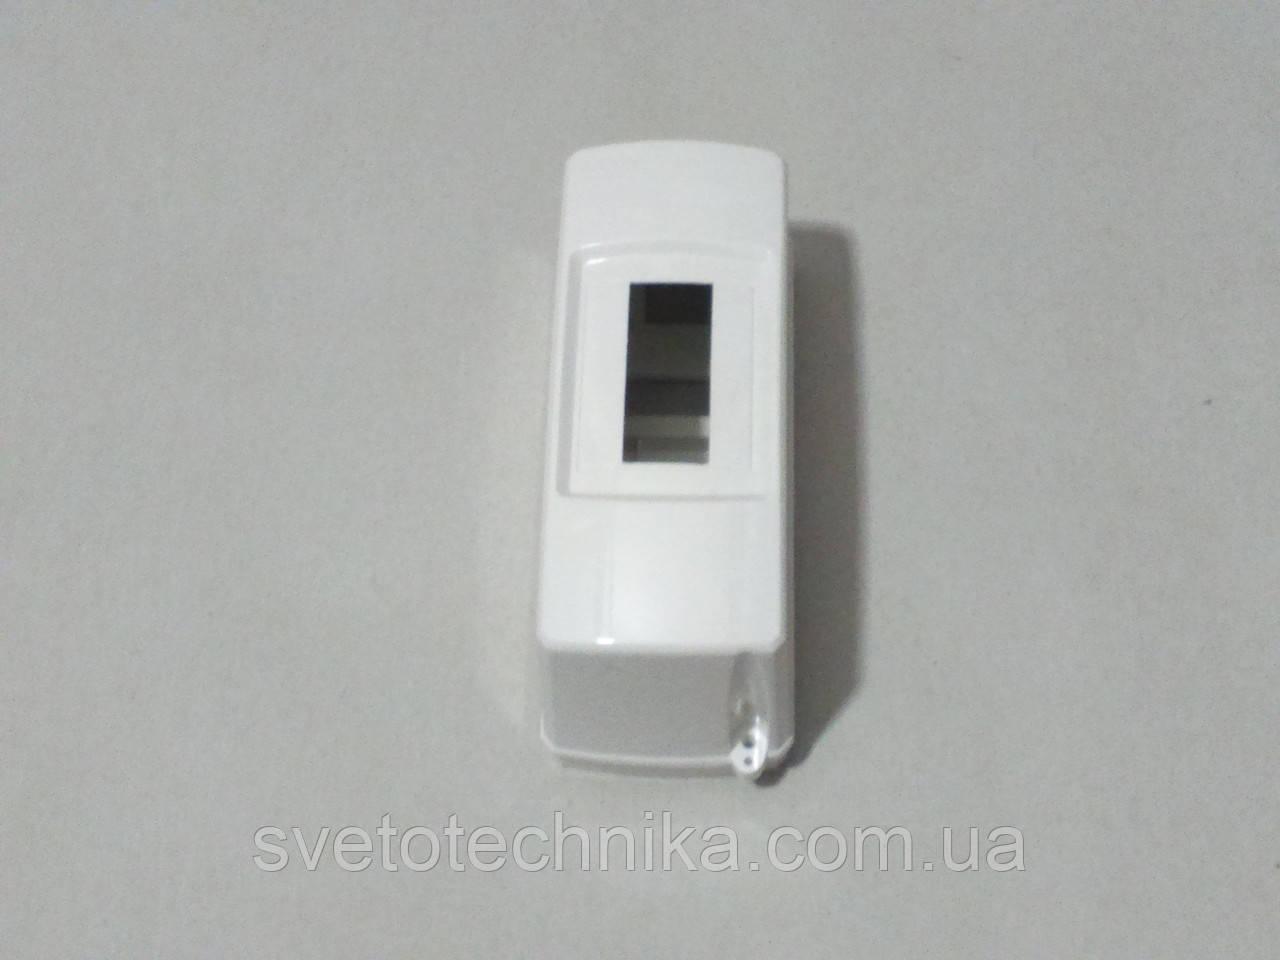 Коробка Vi-Ko Lotus для 1-2 автоматов (открытая установка)